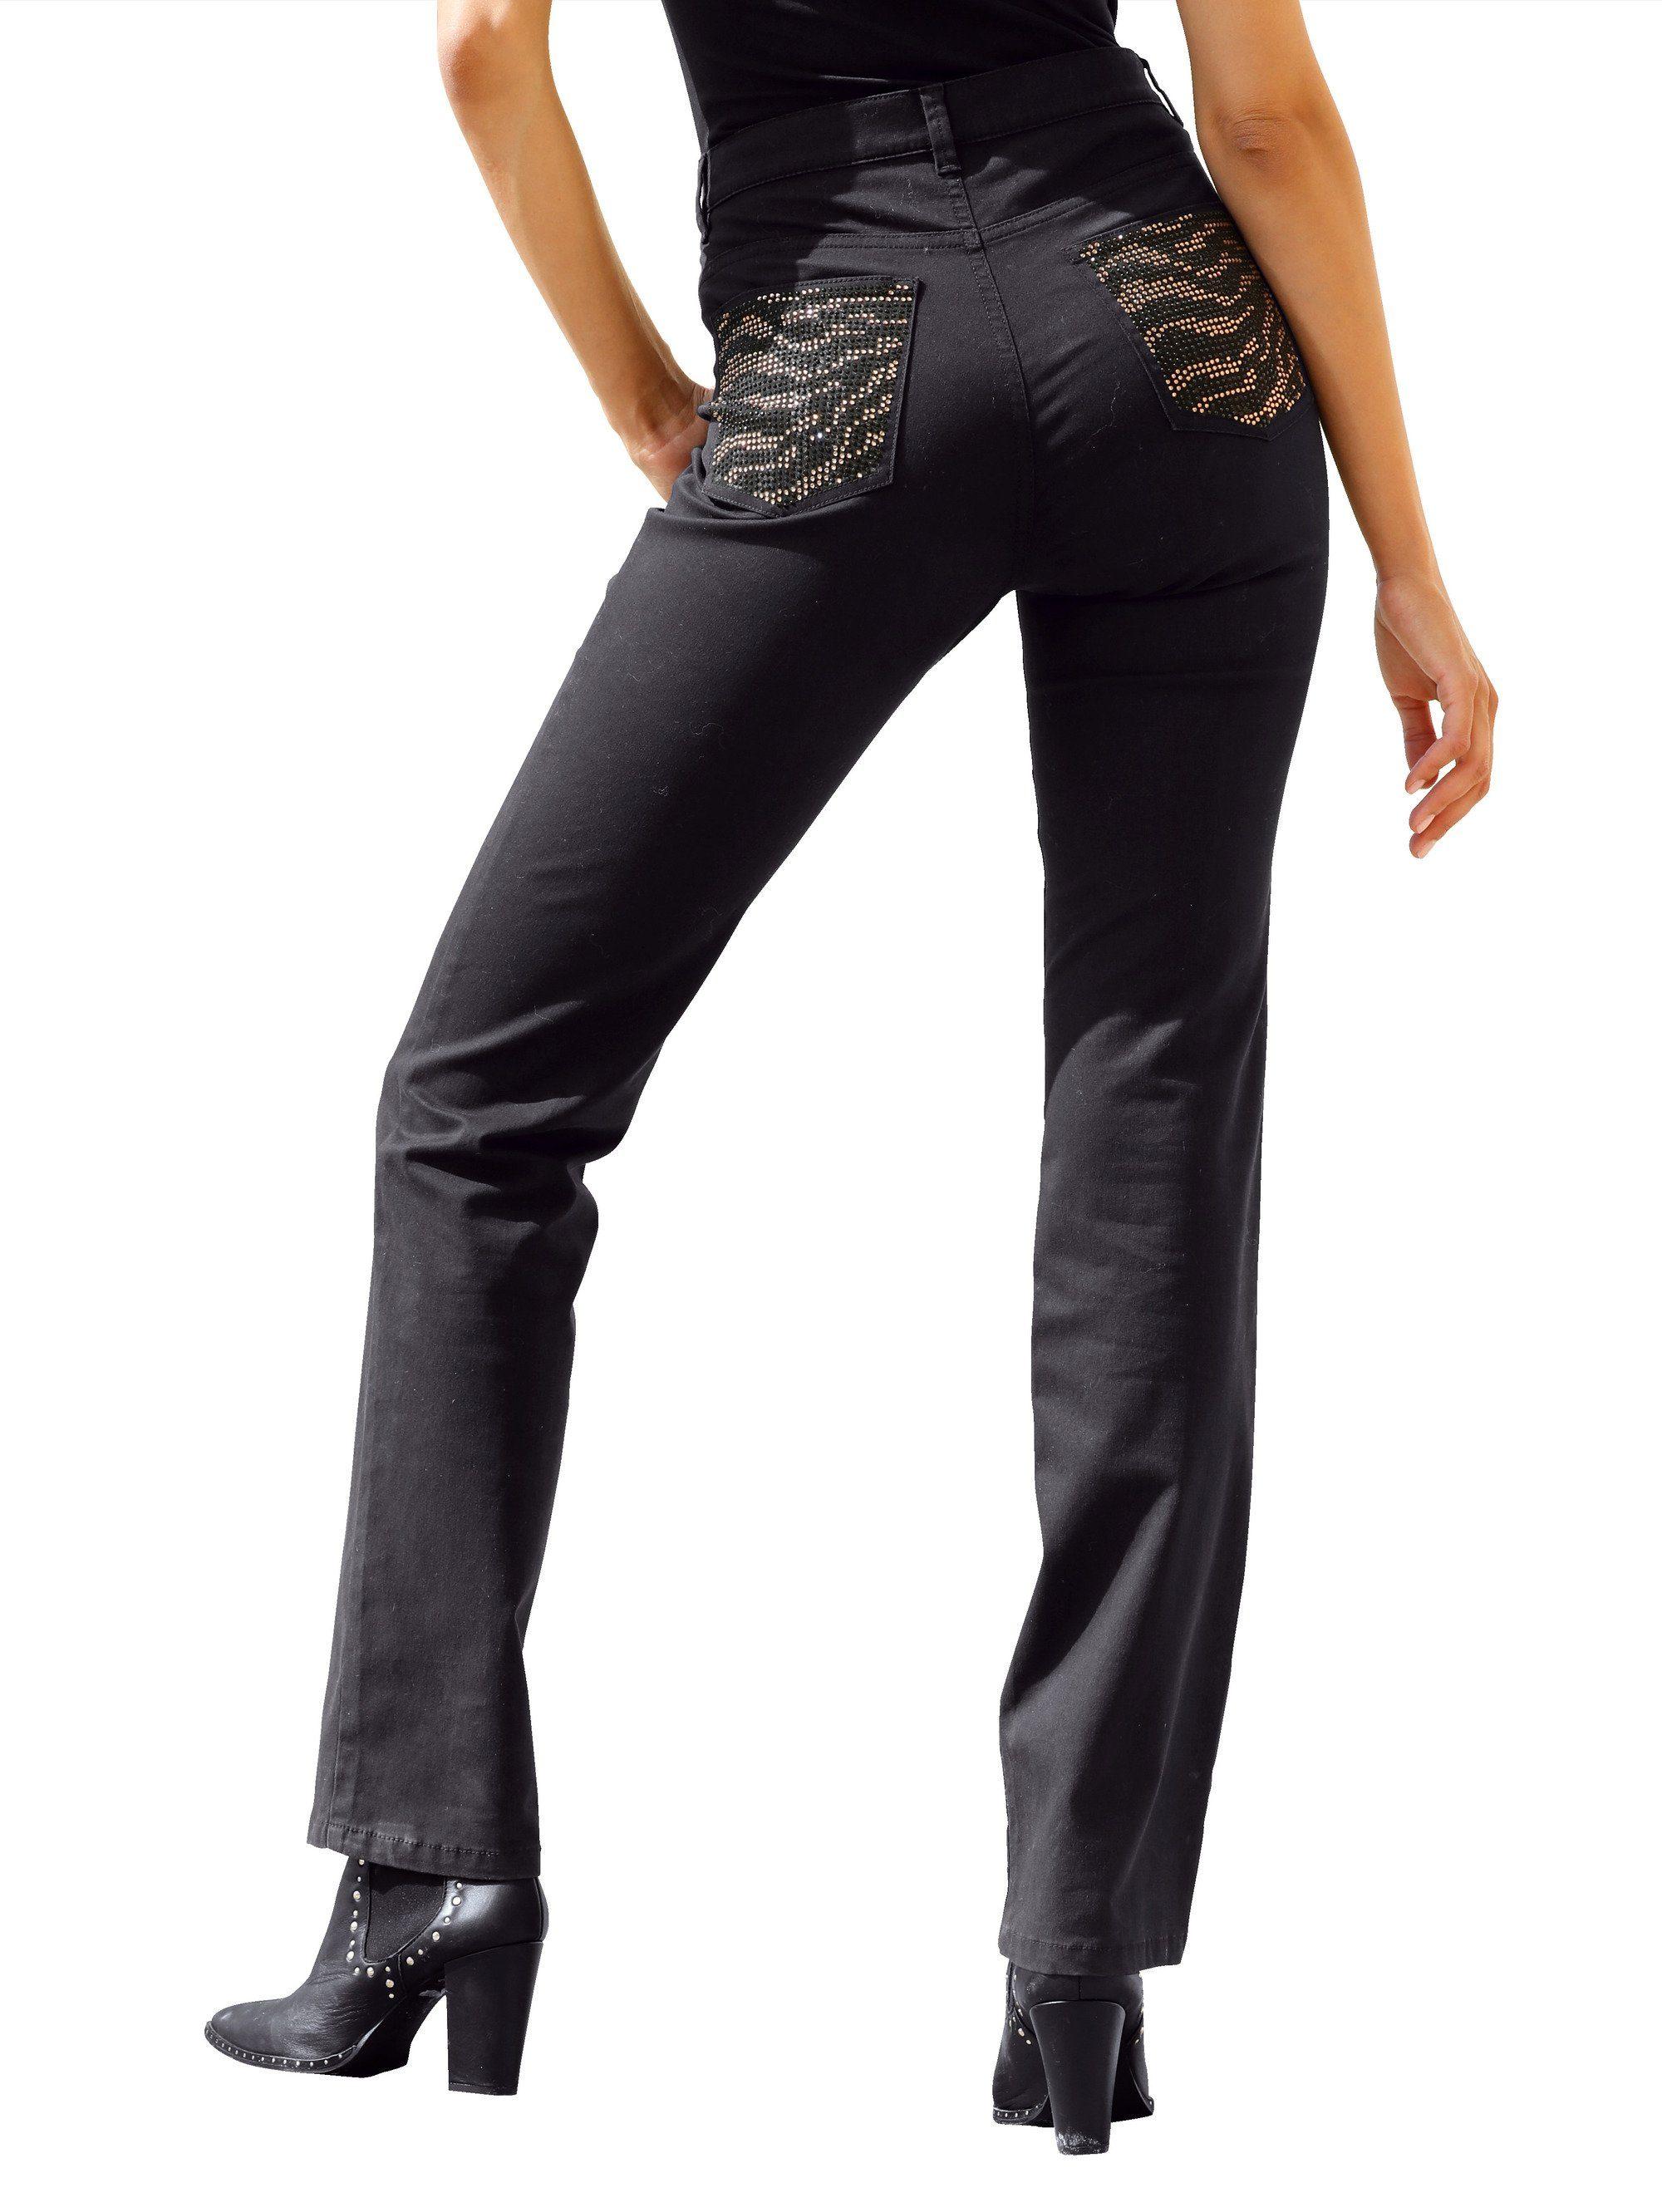 Mädchen Kleidung Jeans Bestickt Weitem Bein Hosen Kinder Kleidung Frühling Sommer Mädchen Jeans Baby Vintage Denim Hosen Kleinkind Mädchen Kleidung 3-10 Jahre